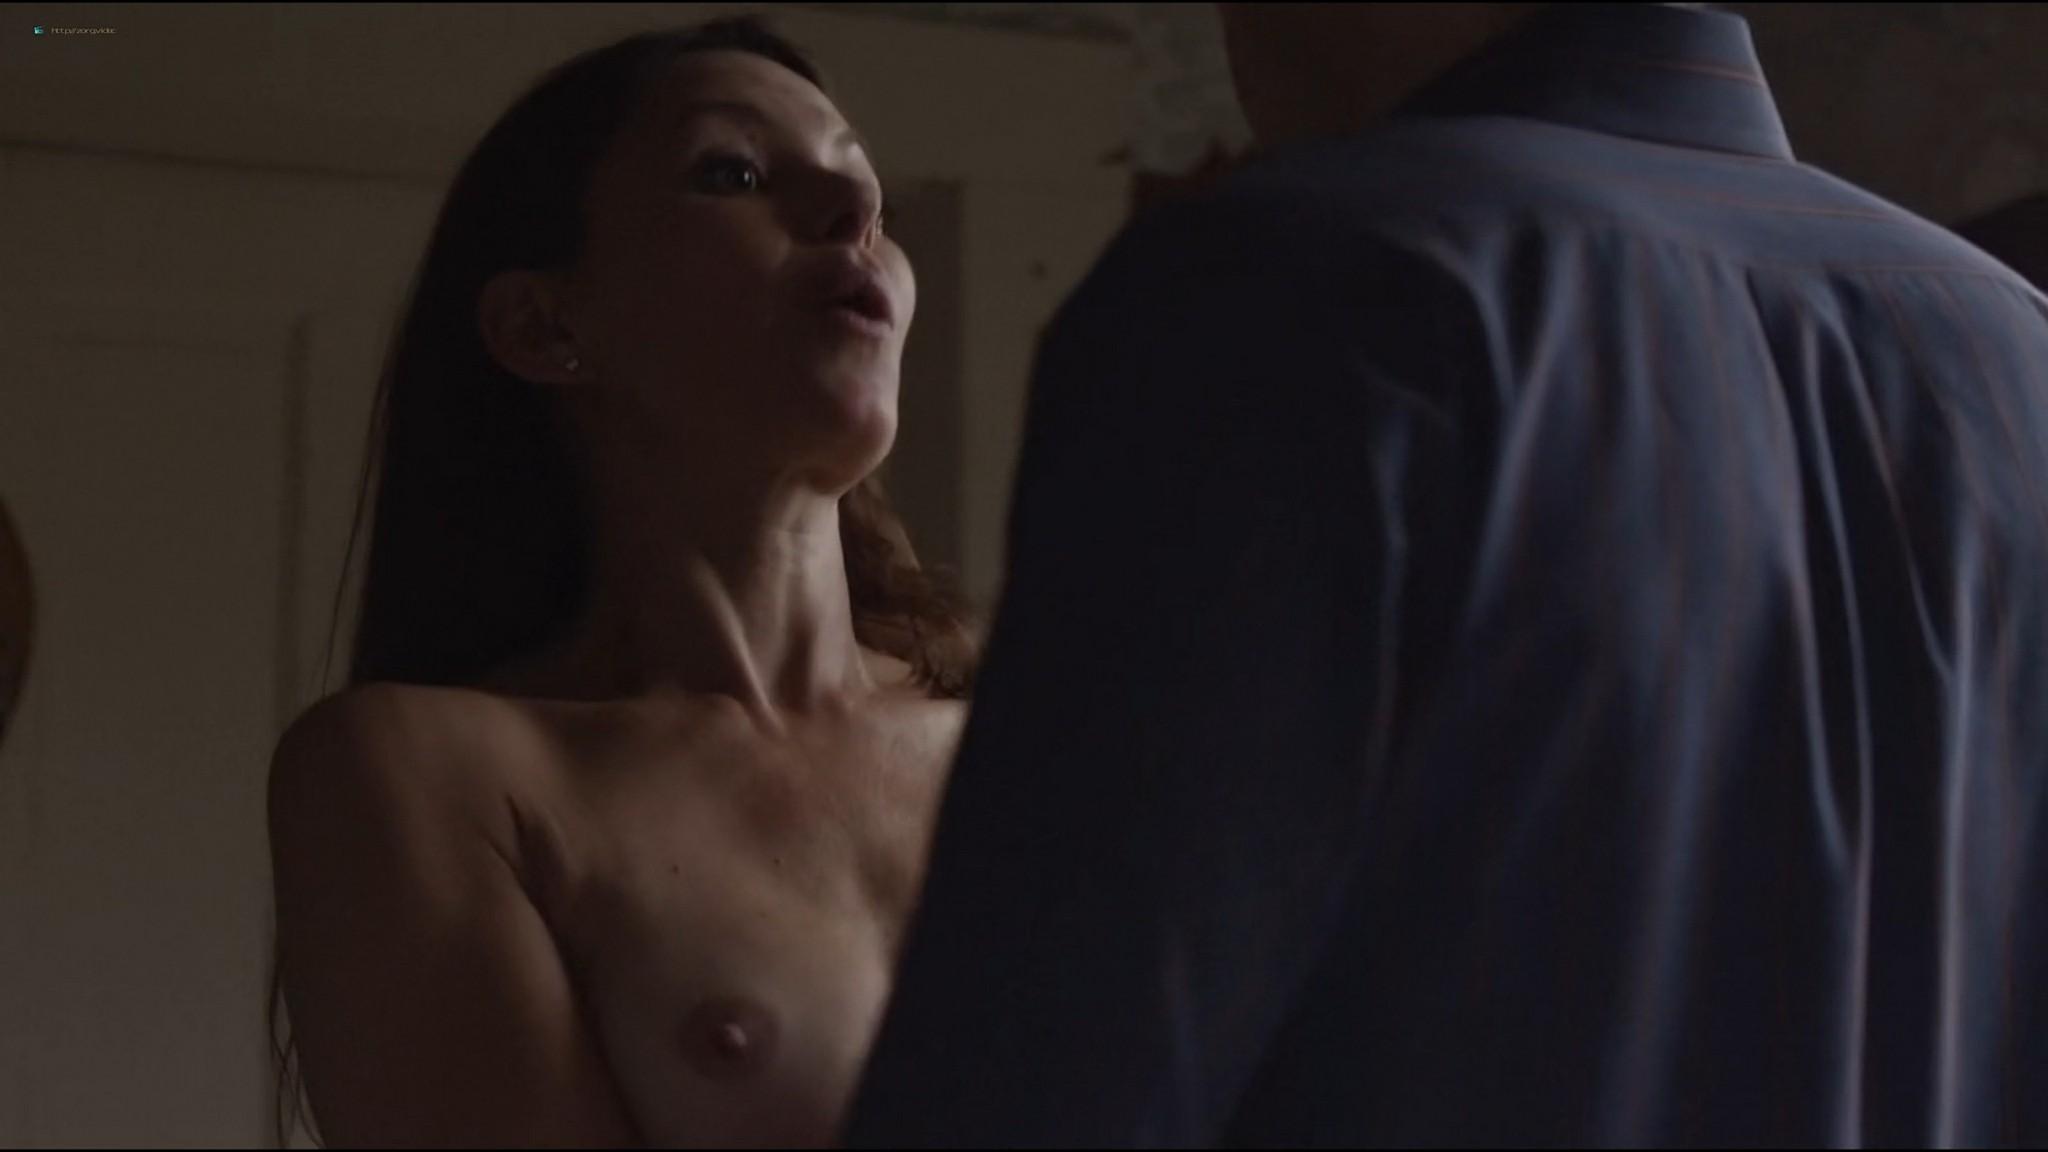 Kari Wuhrer nude Mia Serafino, Mary Anthony sexy - Secrets of a Psychopath (2013) HD 1080p Web (3)